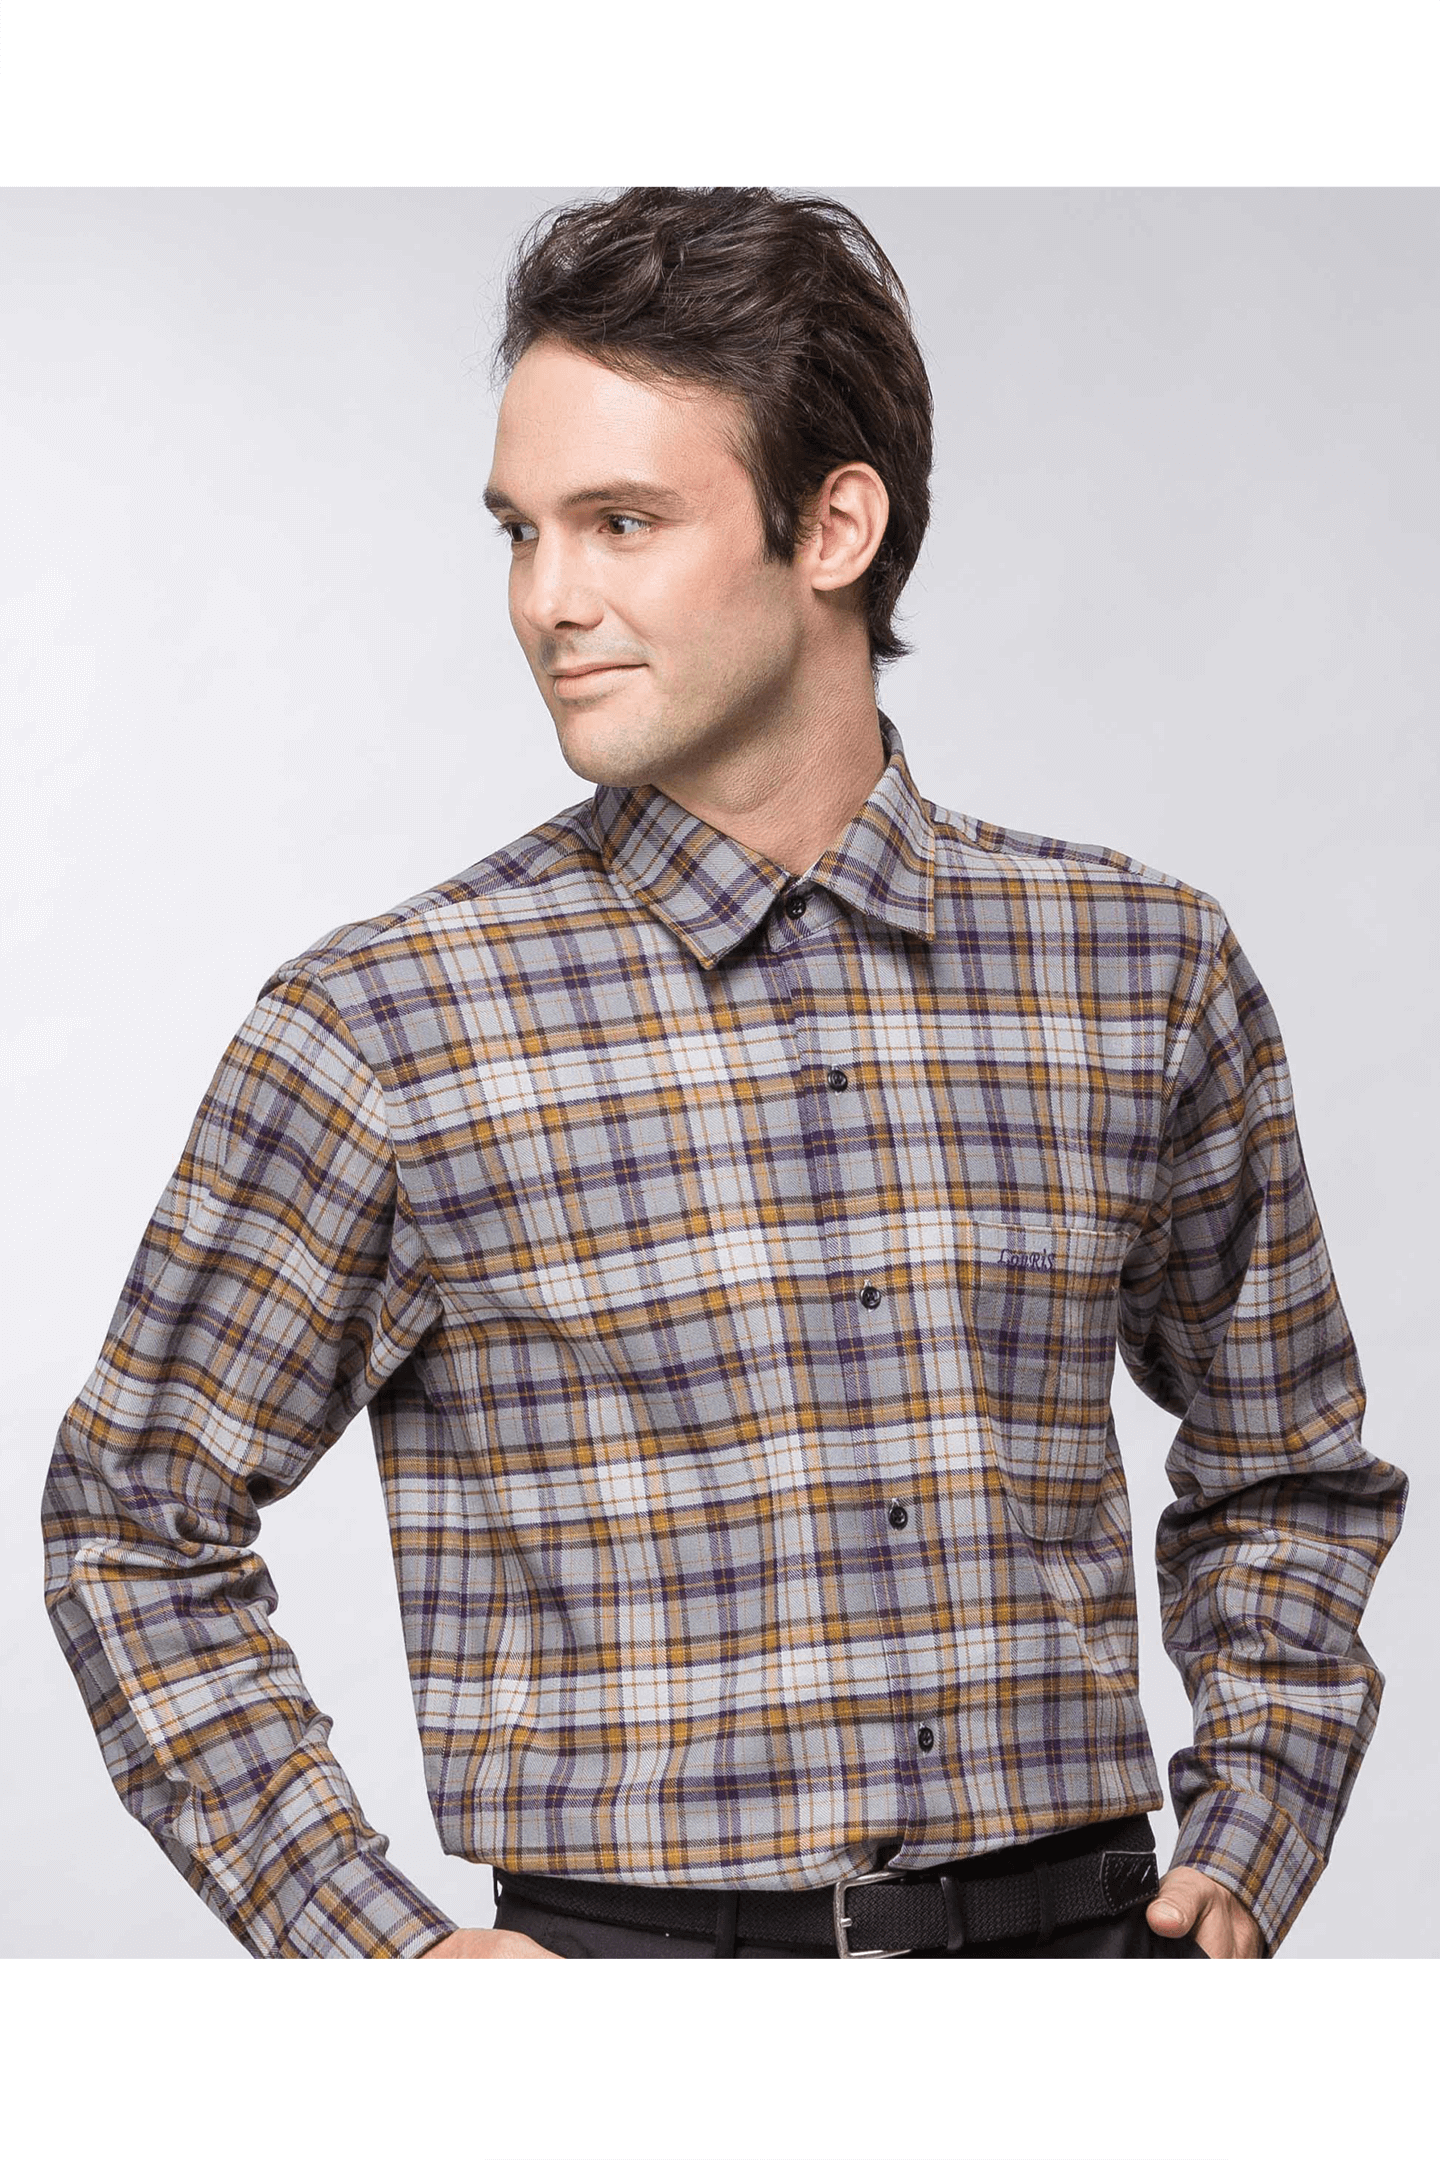 雙色格紋保暖長袖襯衫(紫黃 ) / 保暖 舒適透氣<br />